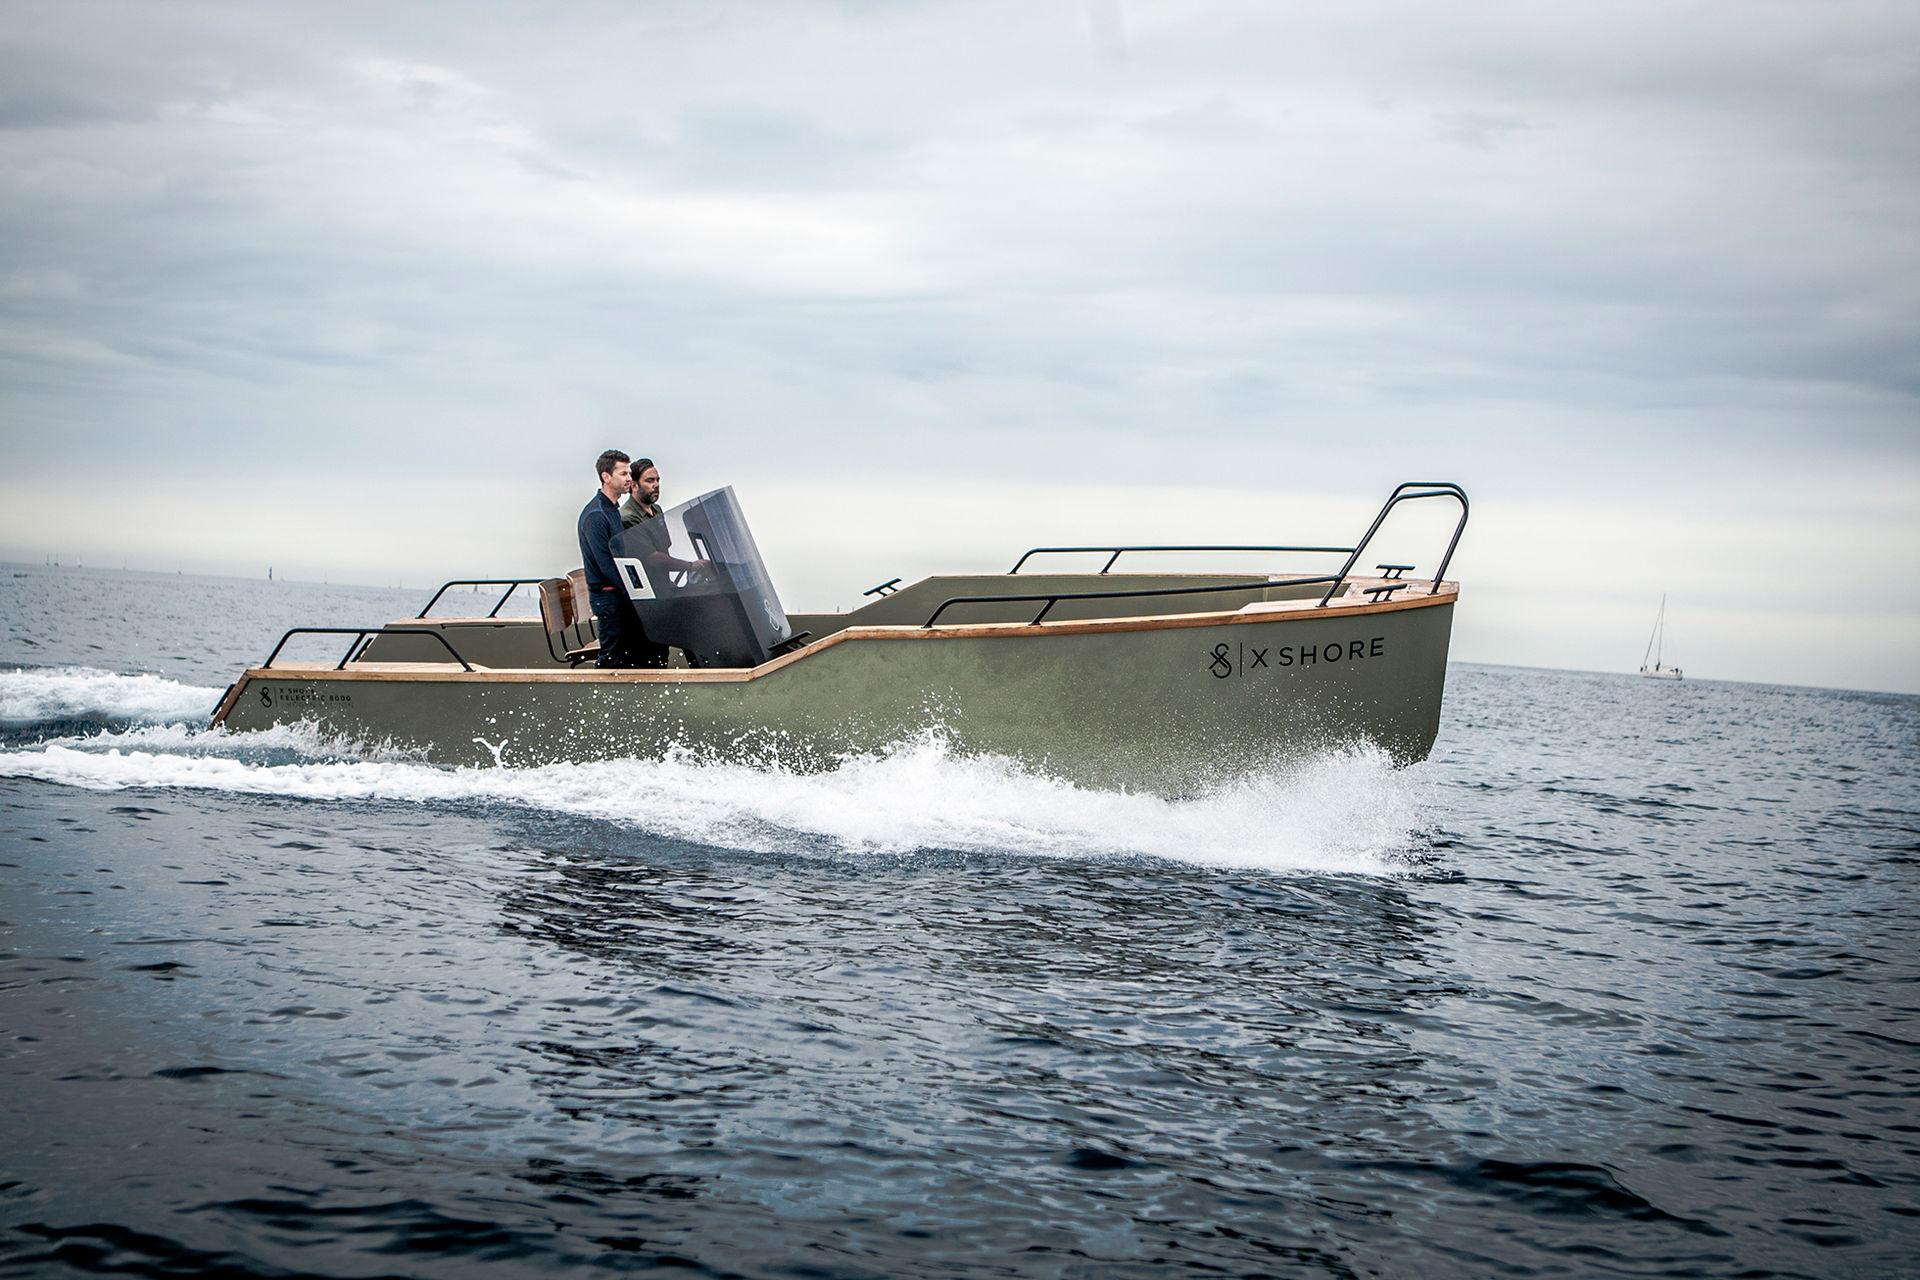 X Shore visar upp sin eldrivna båt i ny film